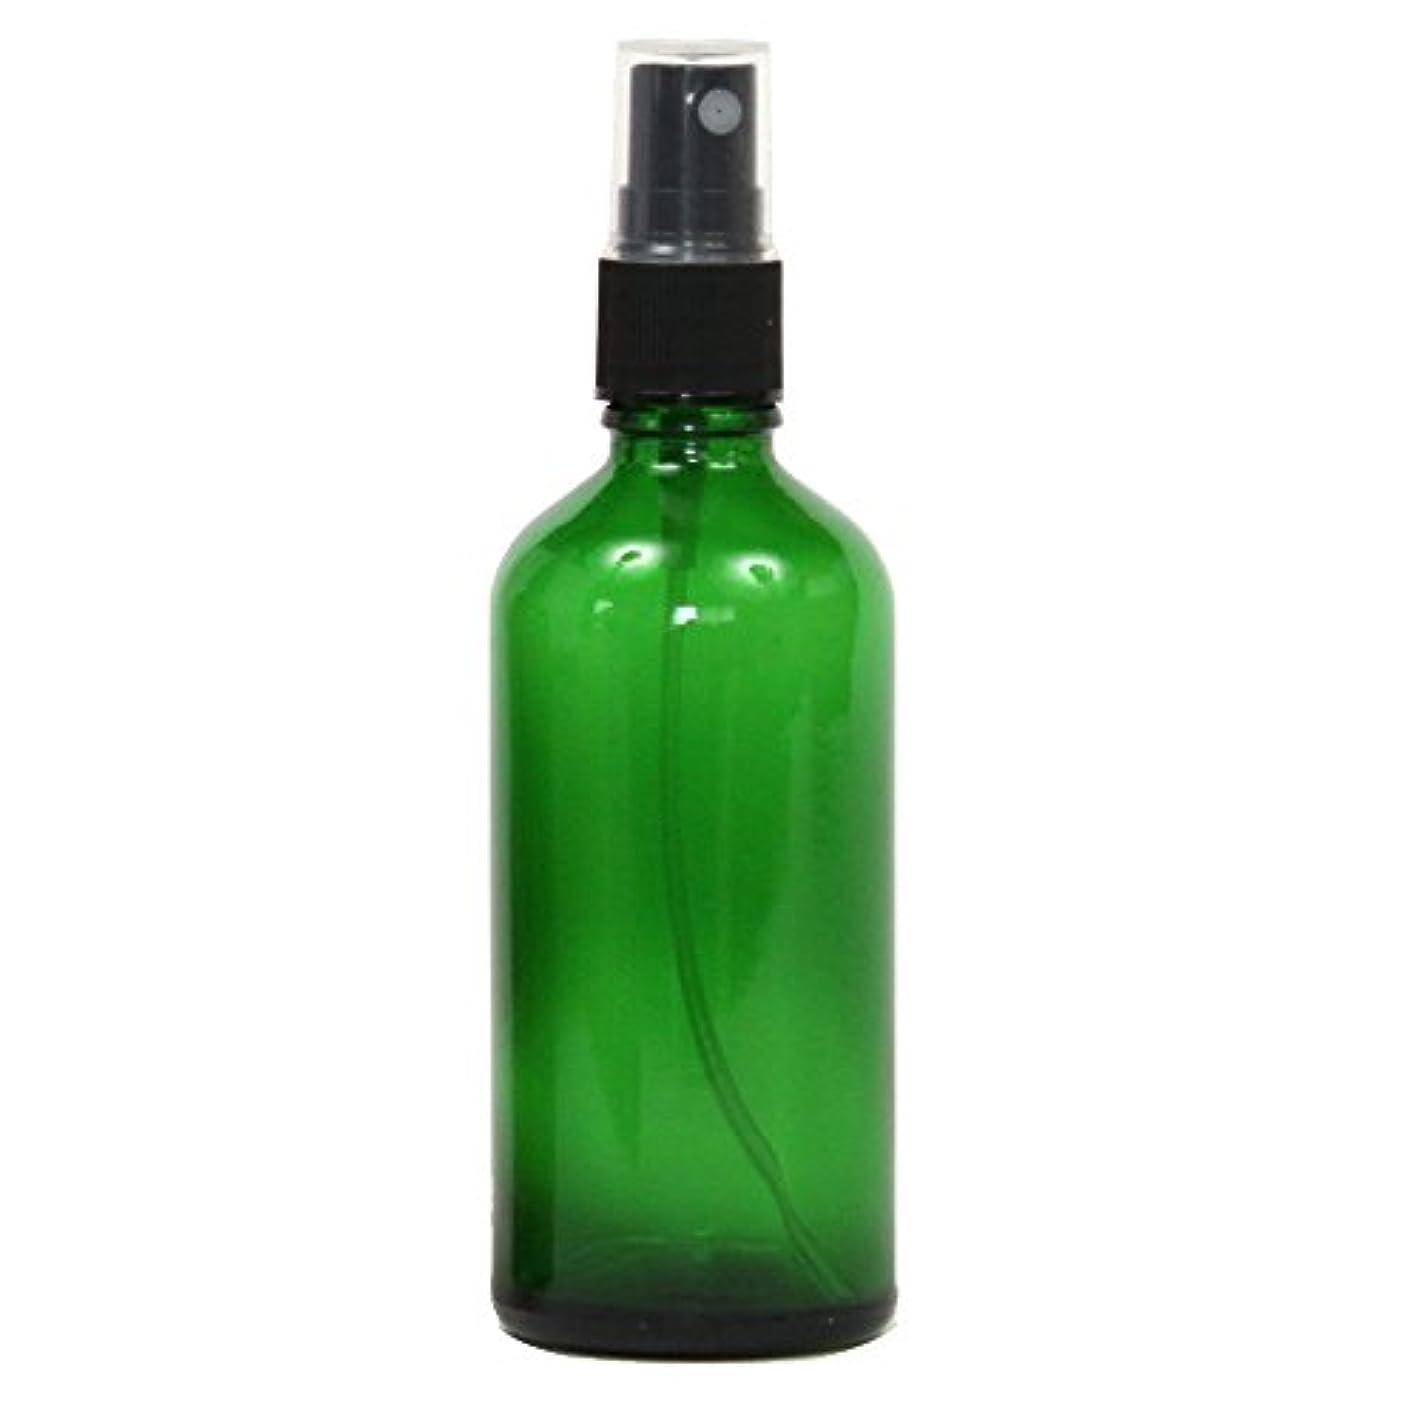 ハグ打たれたトラックお風呂を持っているスプレーボトル ガラス瓶 100mL 遮光性グリーン ガラスアトマイザー 空容器